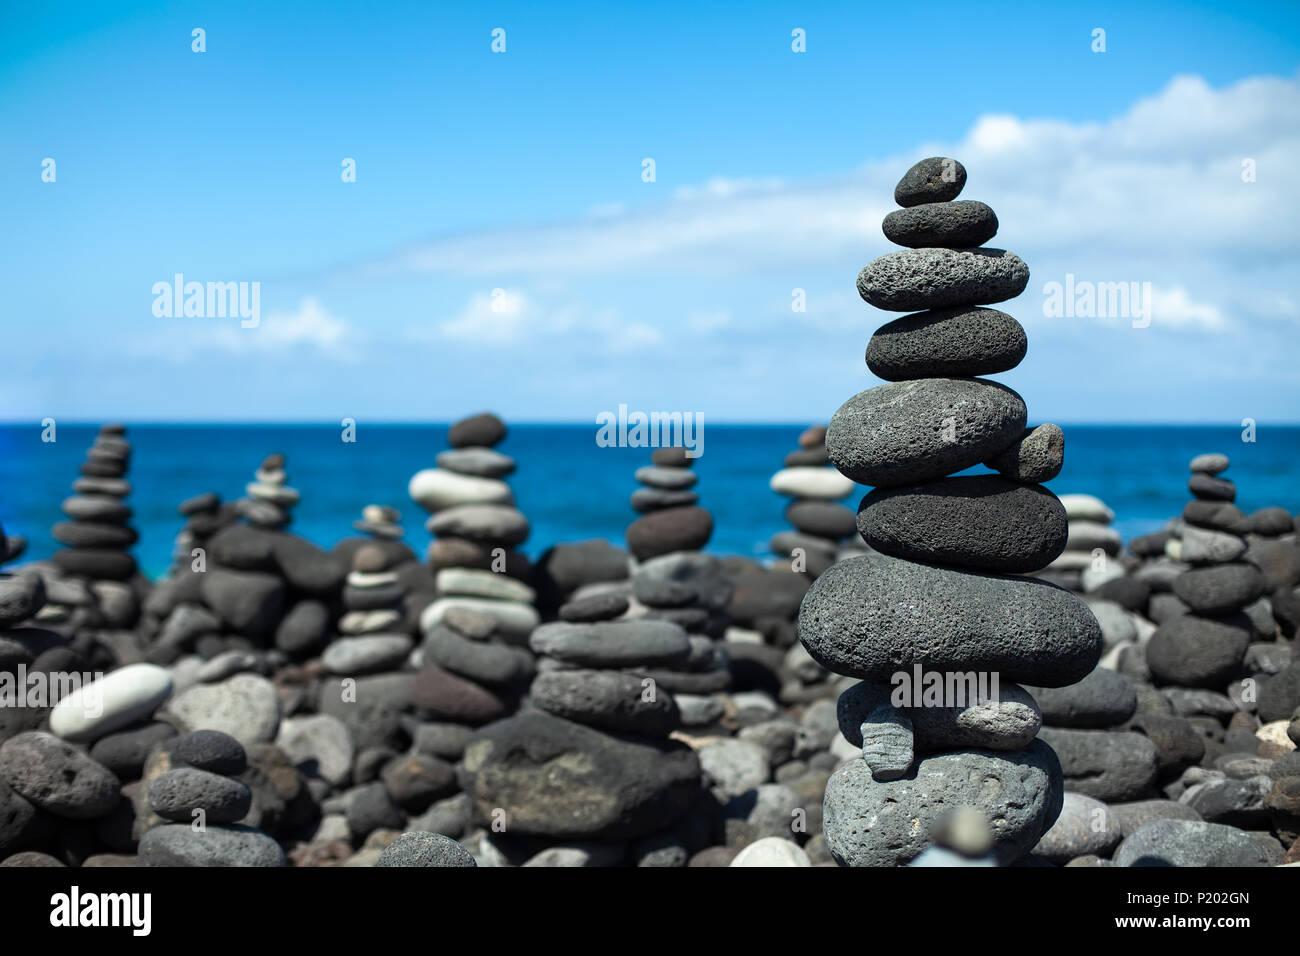 Steine Pyramiden am Kiesstrand in Teneriffa, Kanarische Inseln, Spanien. Konzept der Harmonie und Balance Stockbild